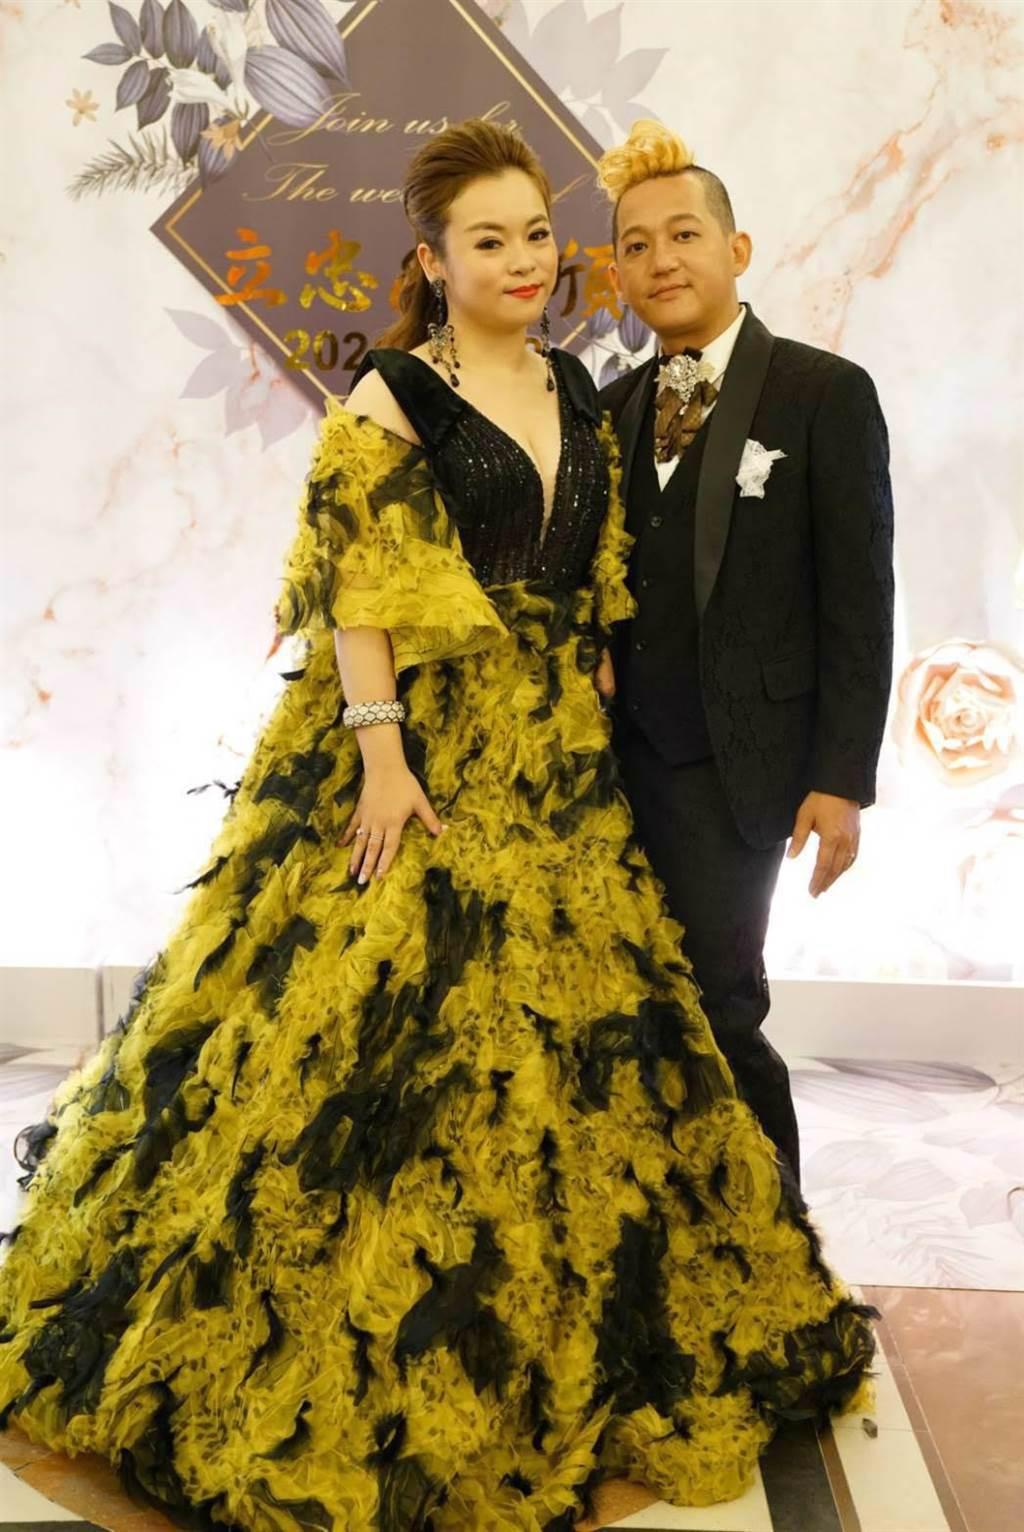 32歲藝人徐紫淇22日與另一半黃立忠結婚。(萬鴻提供)